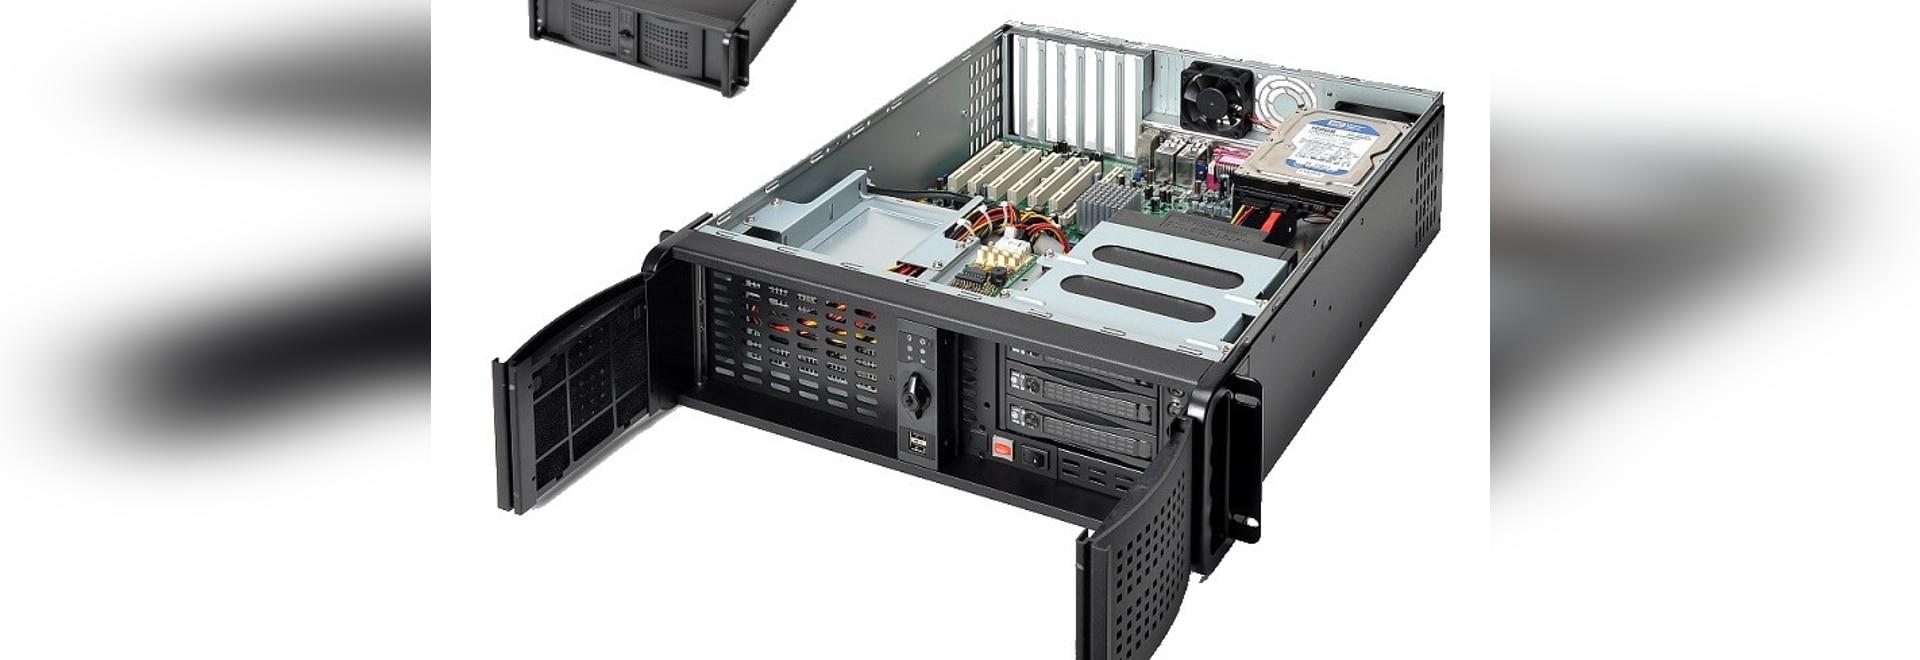 SERVERfahrgestelle Wolke AICSYS Inc. 3U IoT Datenverarbeitungsfür ATX-Motherboard und 10 Antriebsbuchten